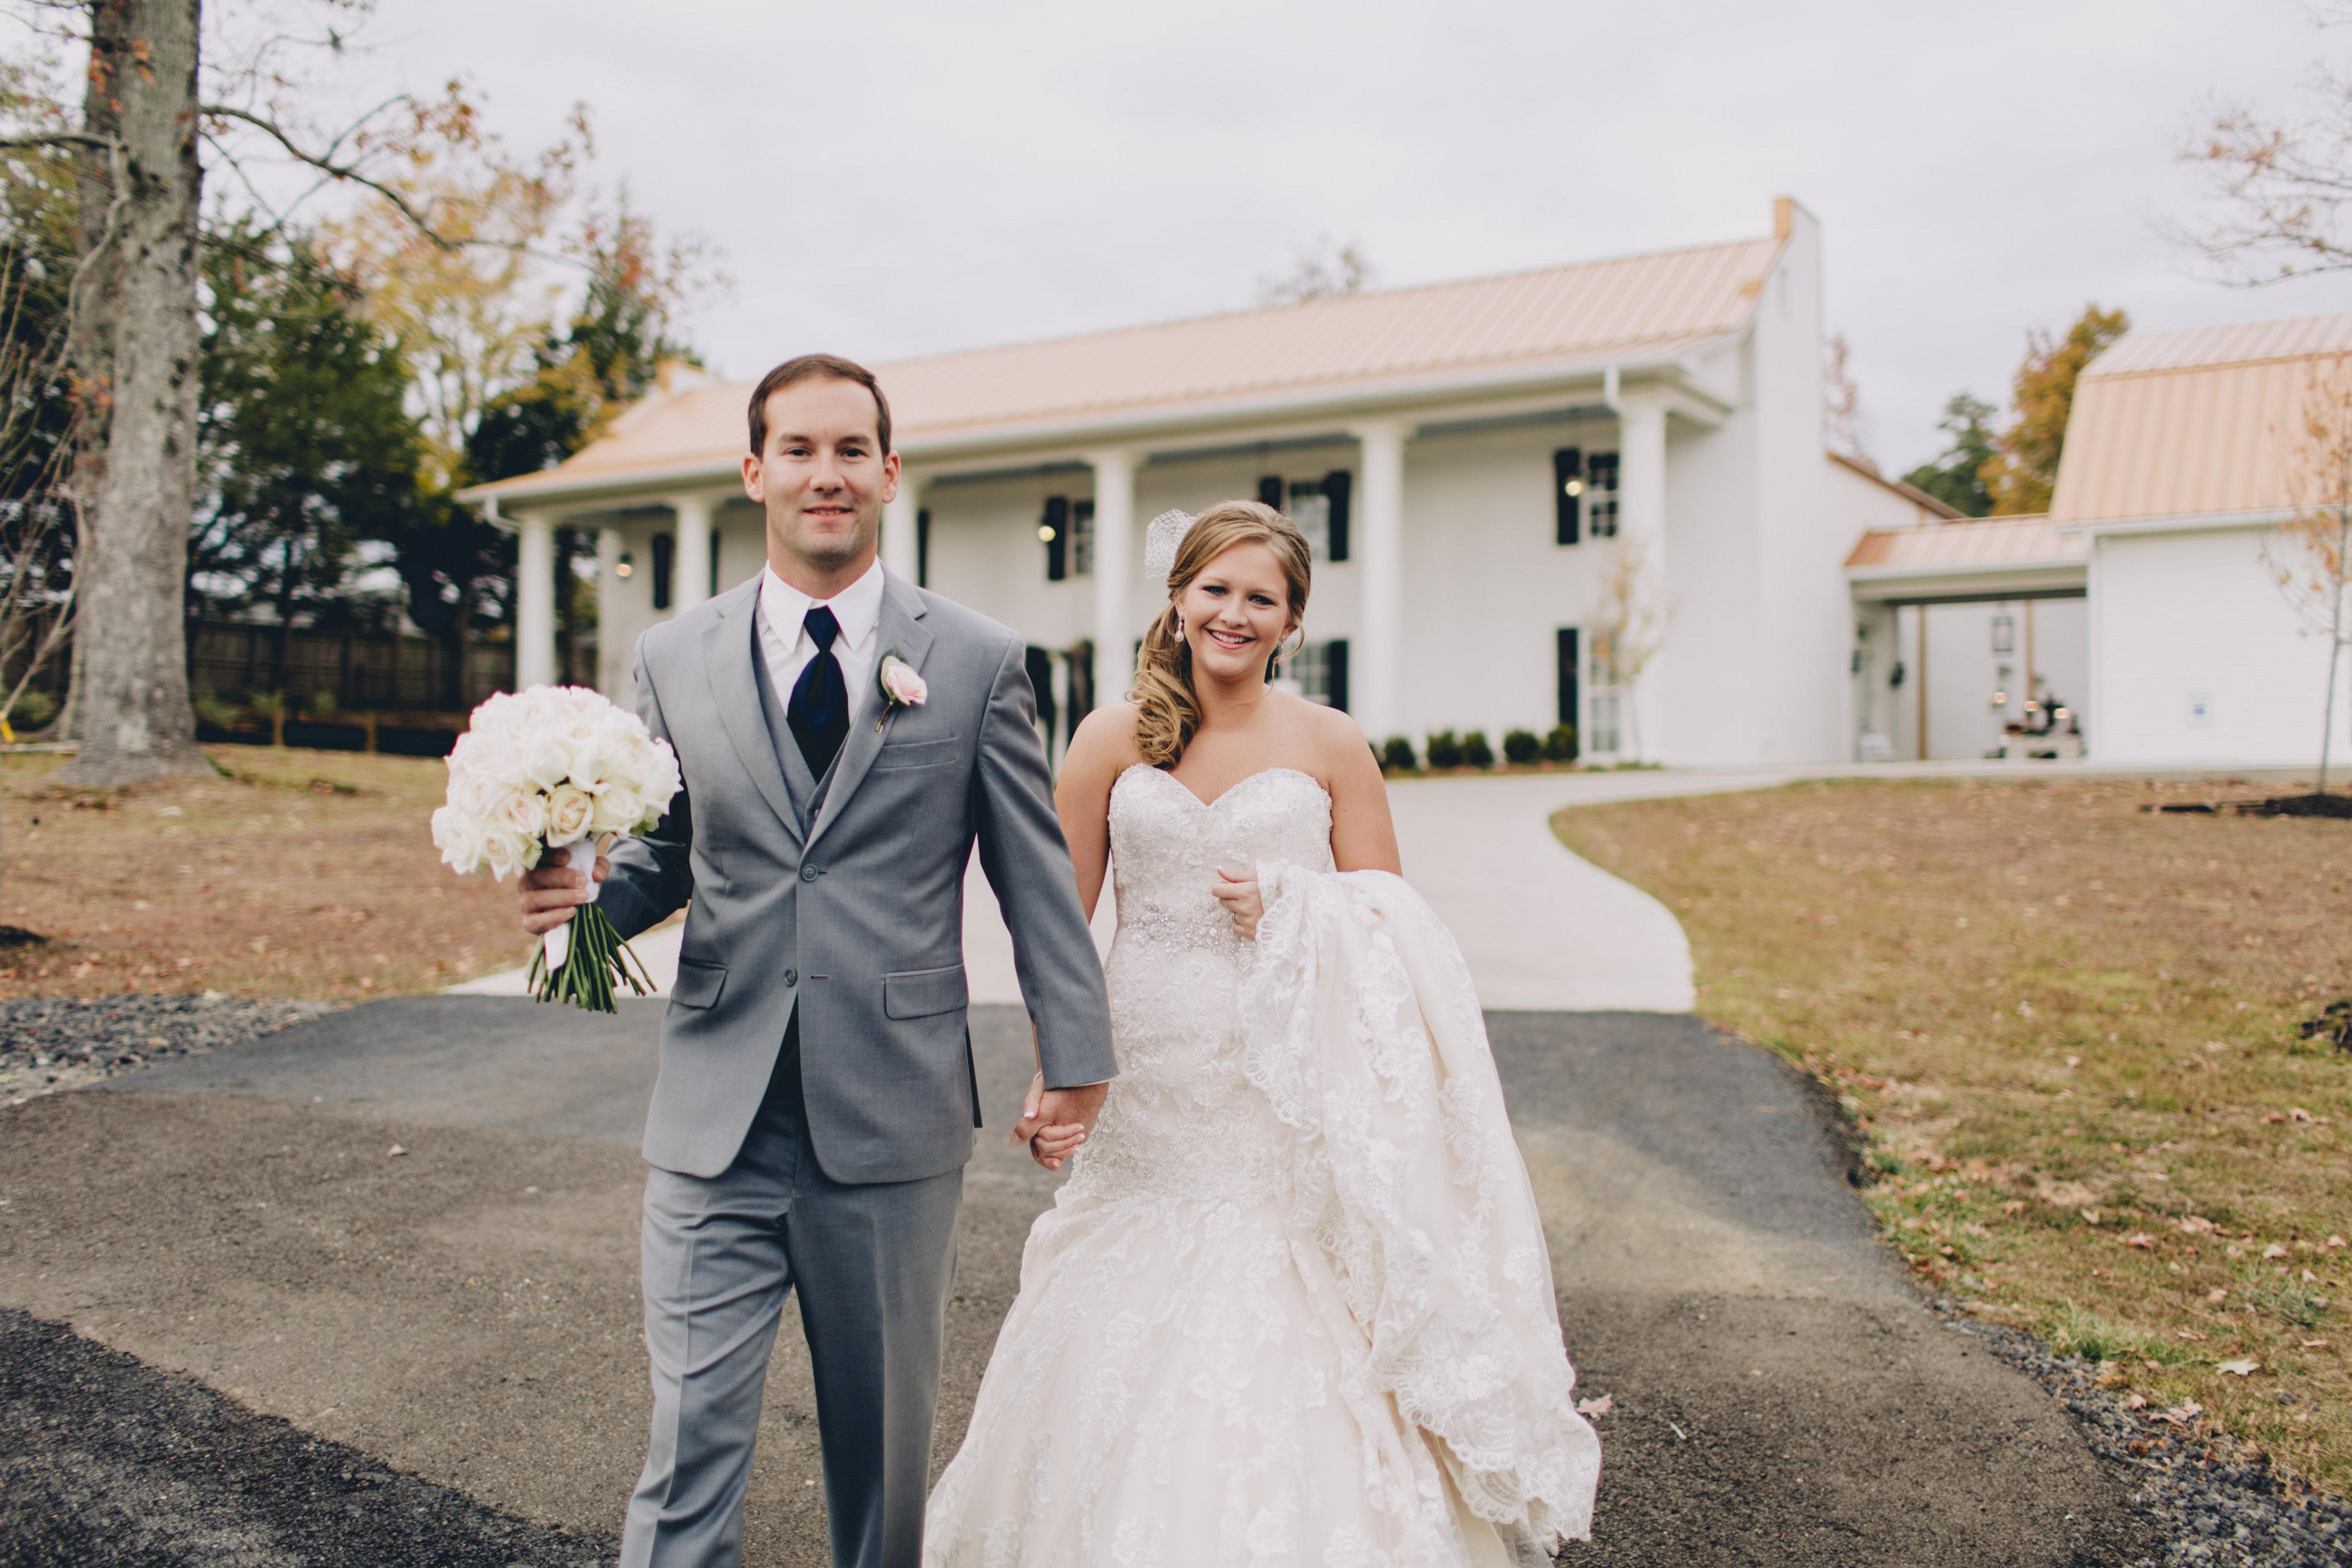 Vendor Of The Week Ivy Venue Cotton Market: Wedding Venues Flowood Ms At Reisefeber.org